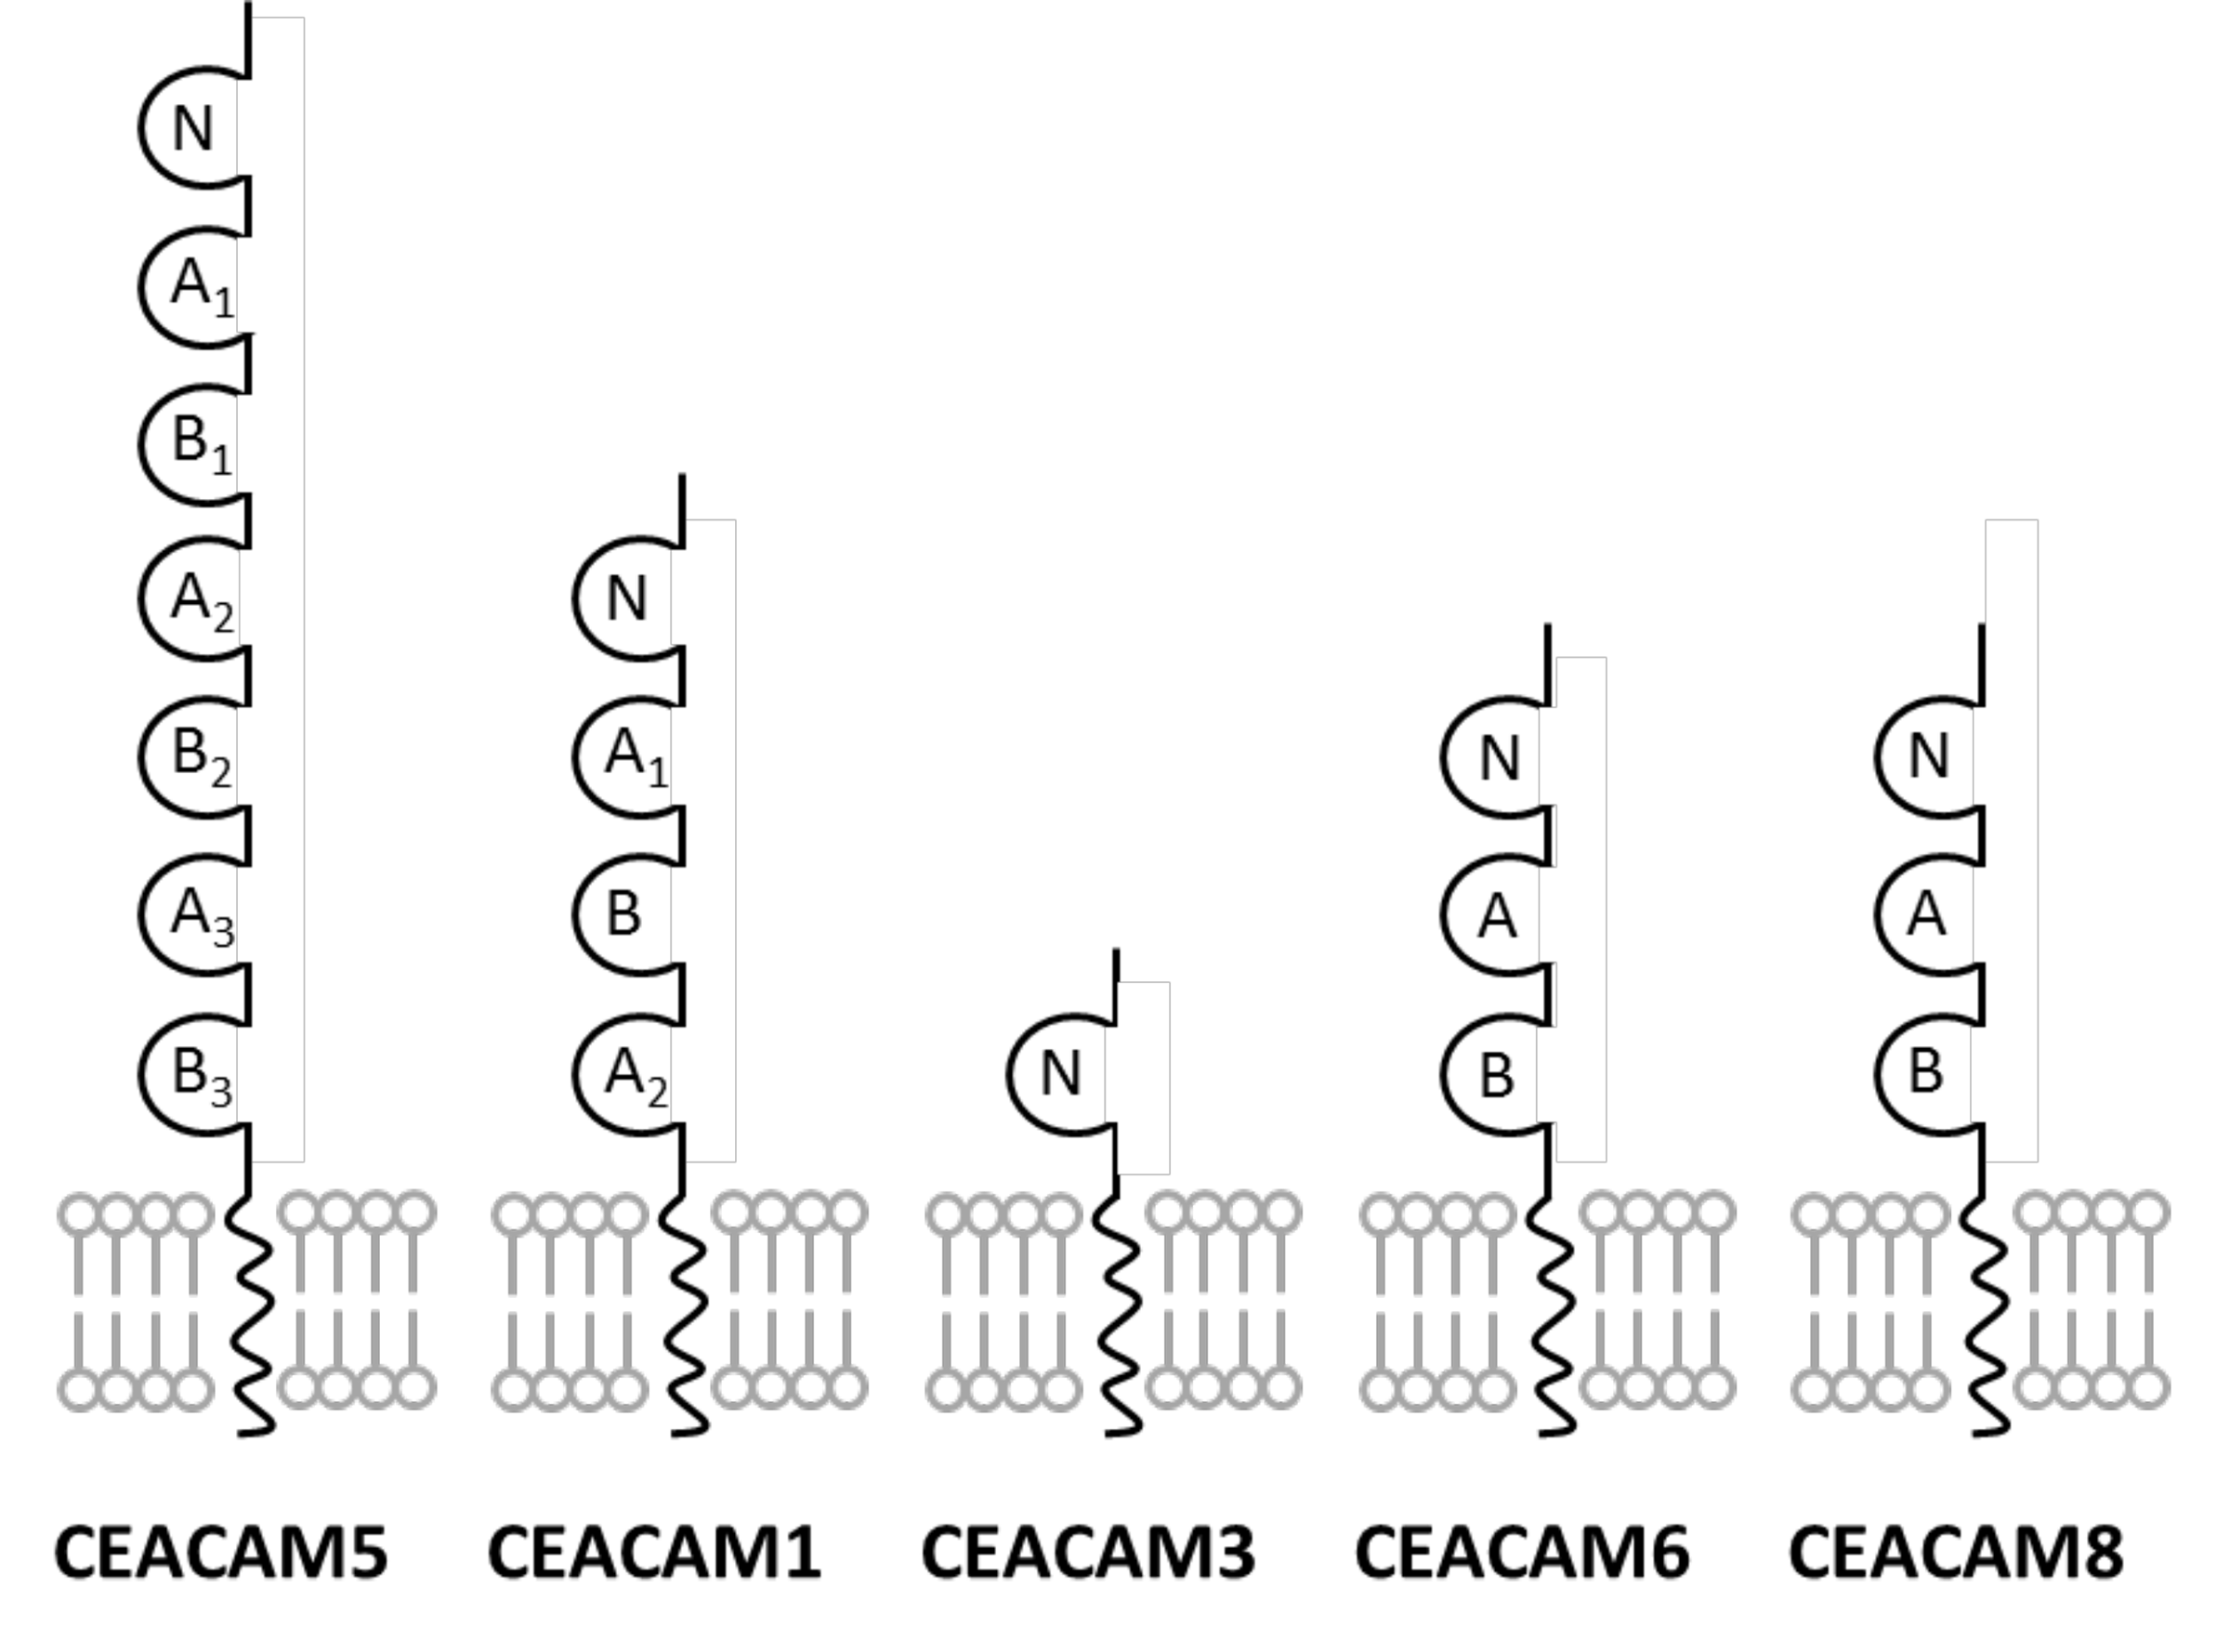 CEACAM comparison chart